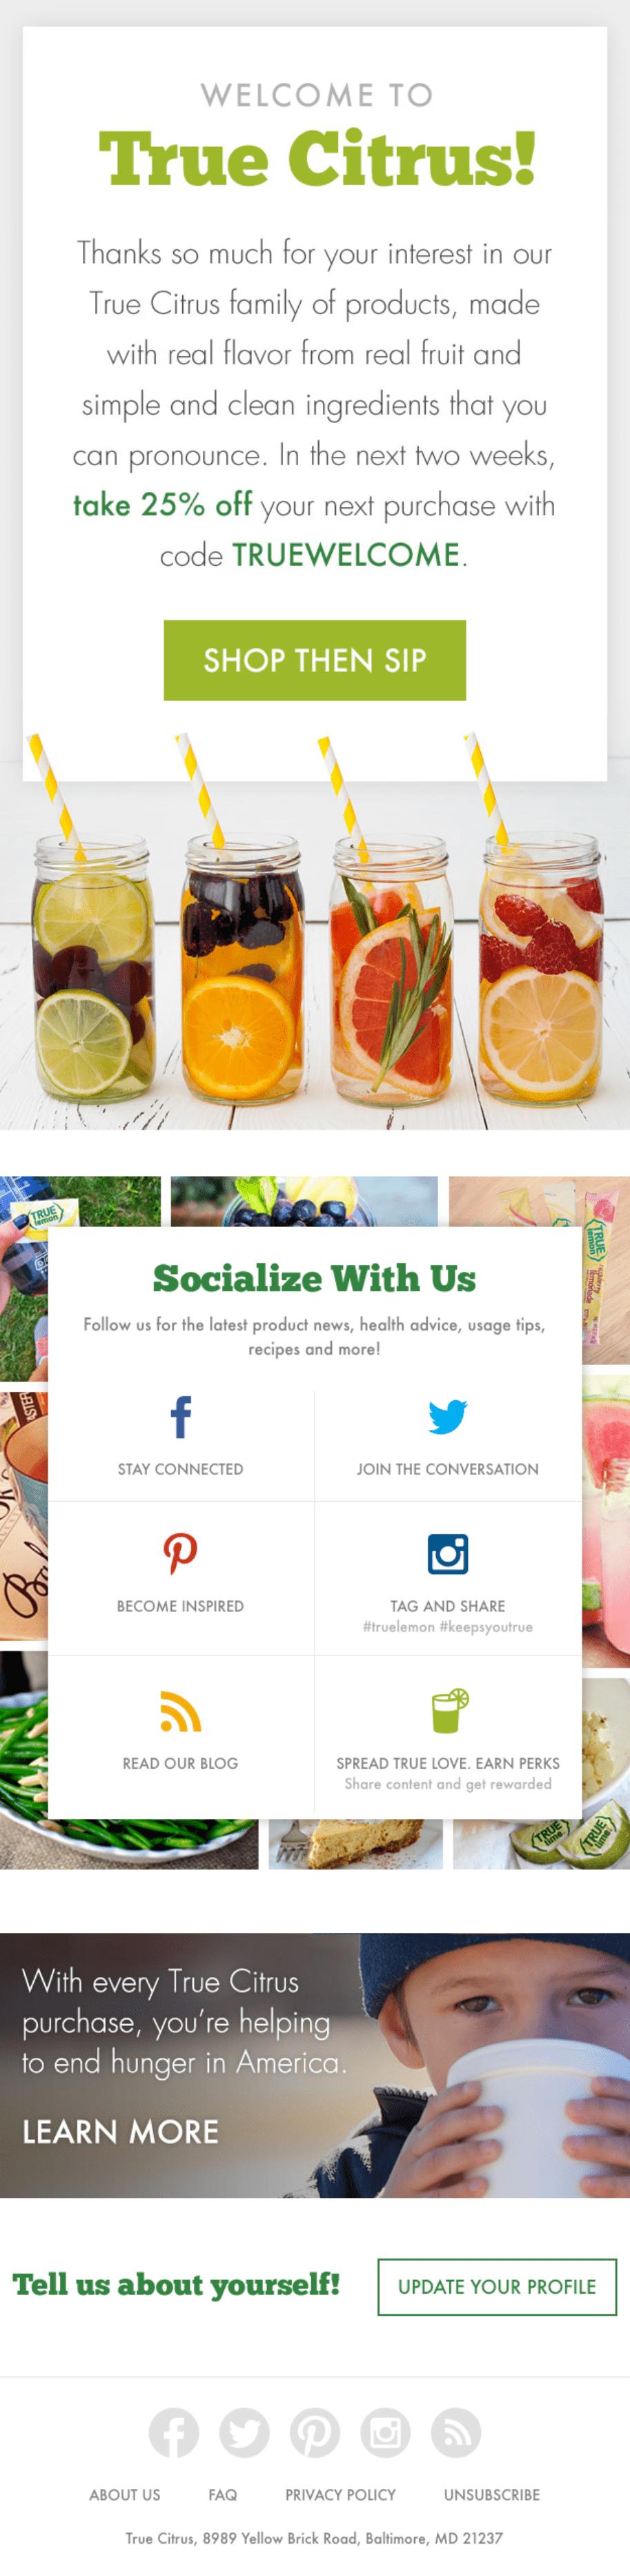 Email marketing example True Citrus